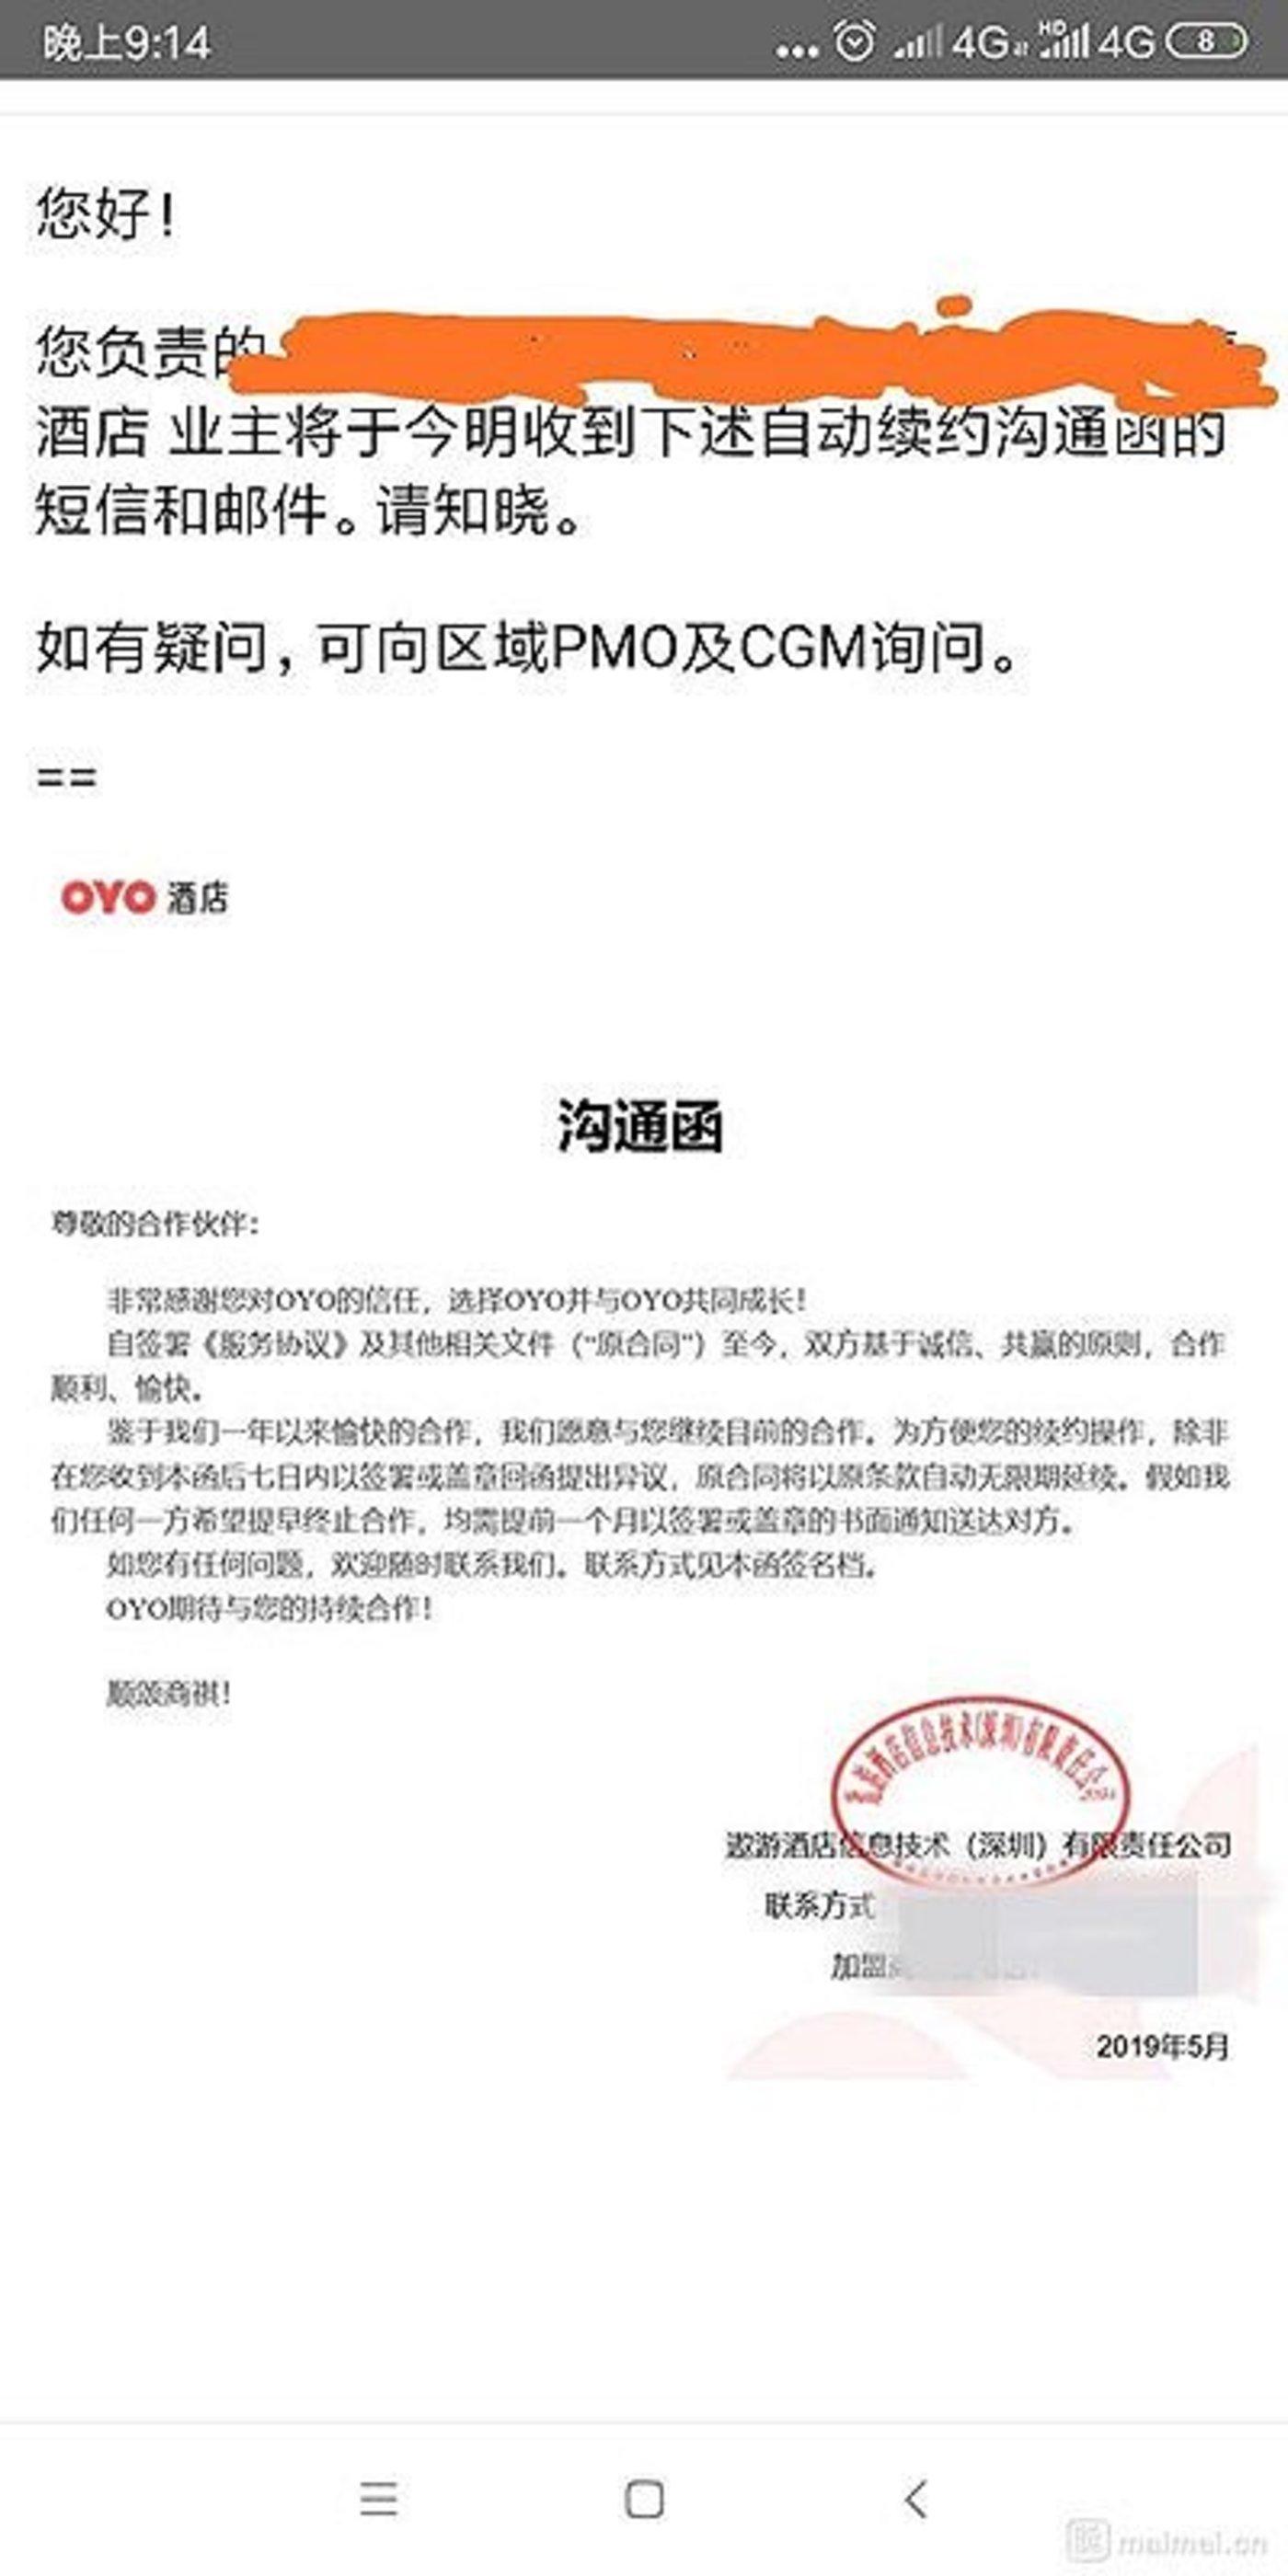 """印度独角兽OYO中国困局:裁员,造假,本土团队沦为""""傀儡"""""""